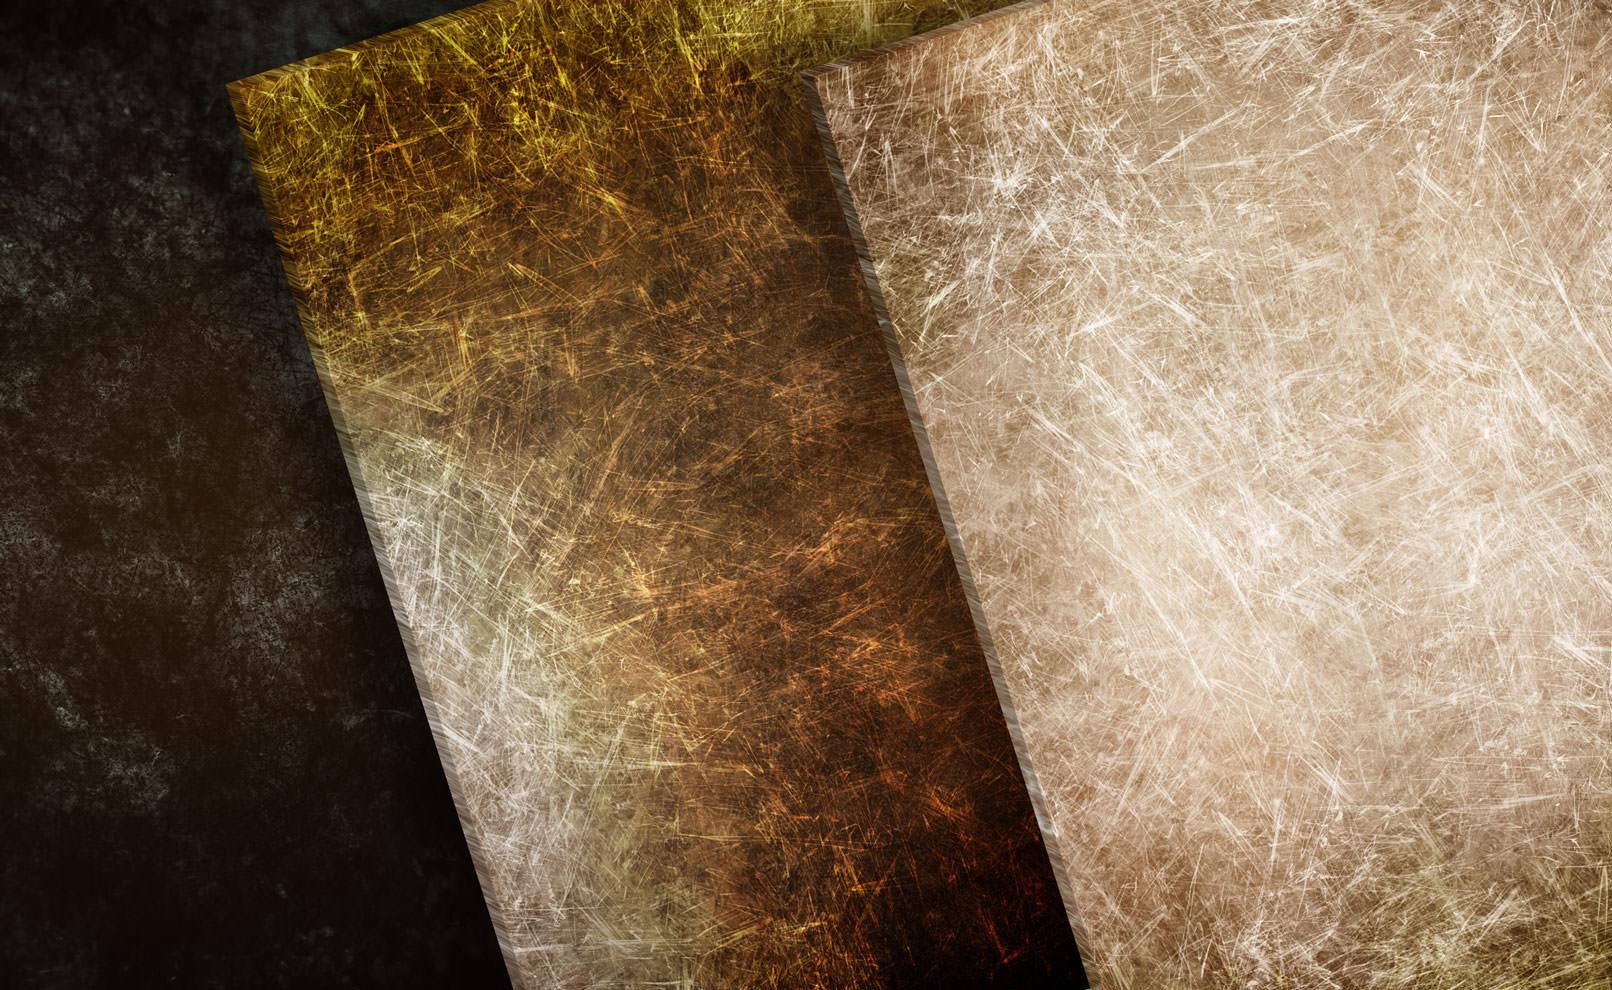 Hochaufgelöste Grunge-Texturen, zerkratzte Oberflächen